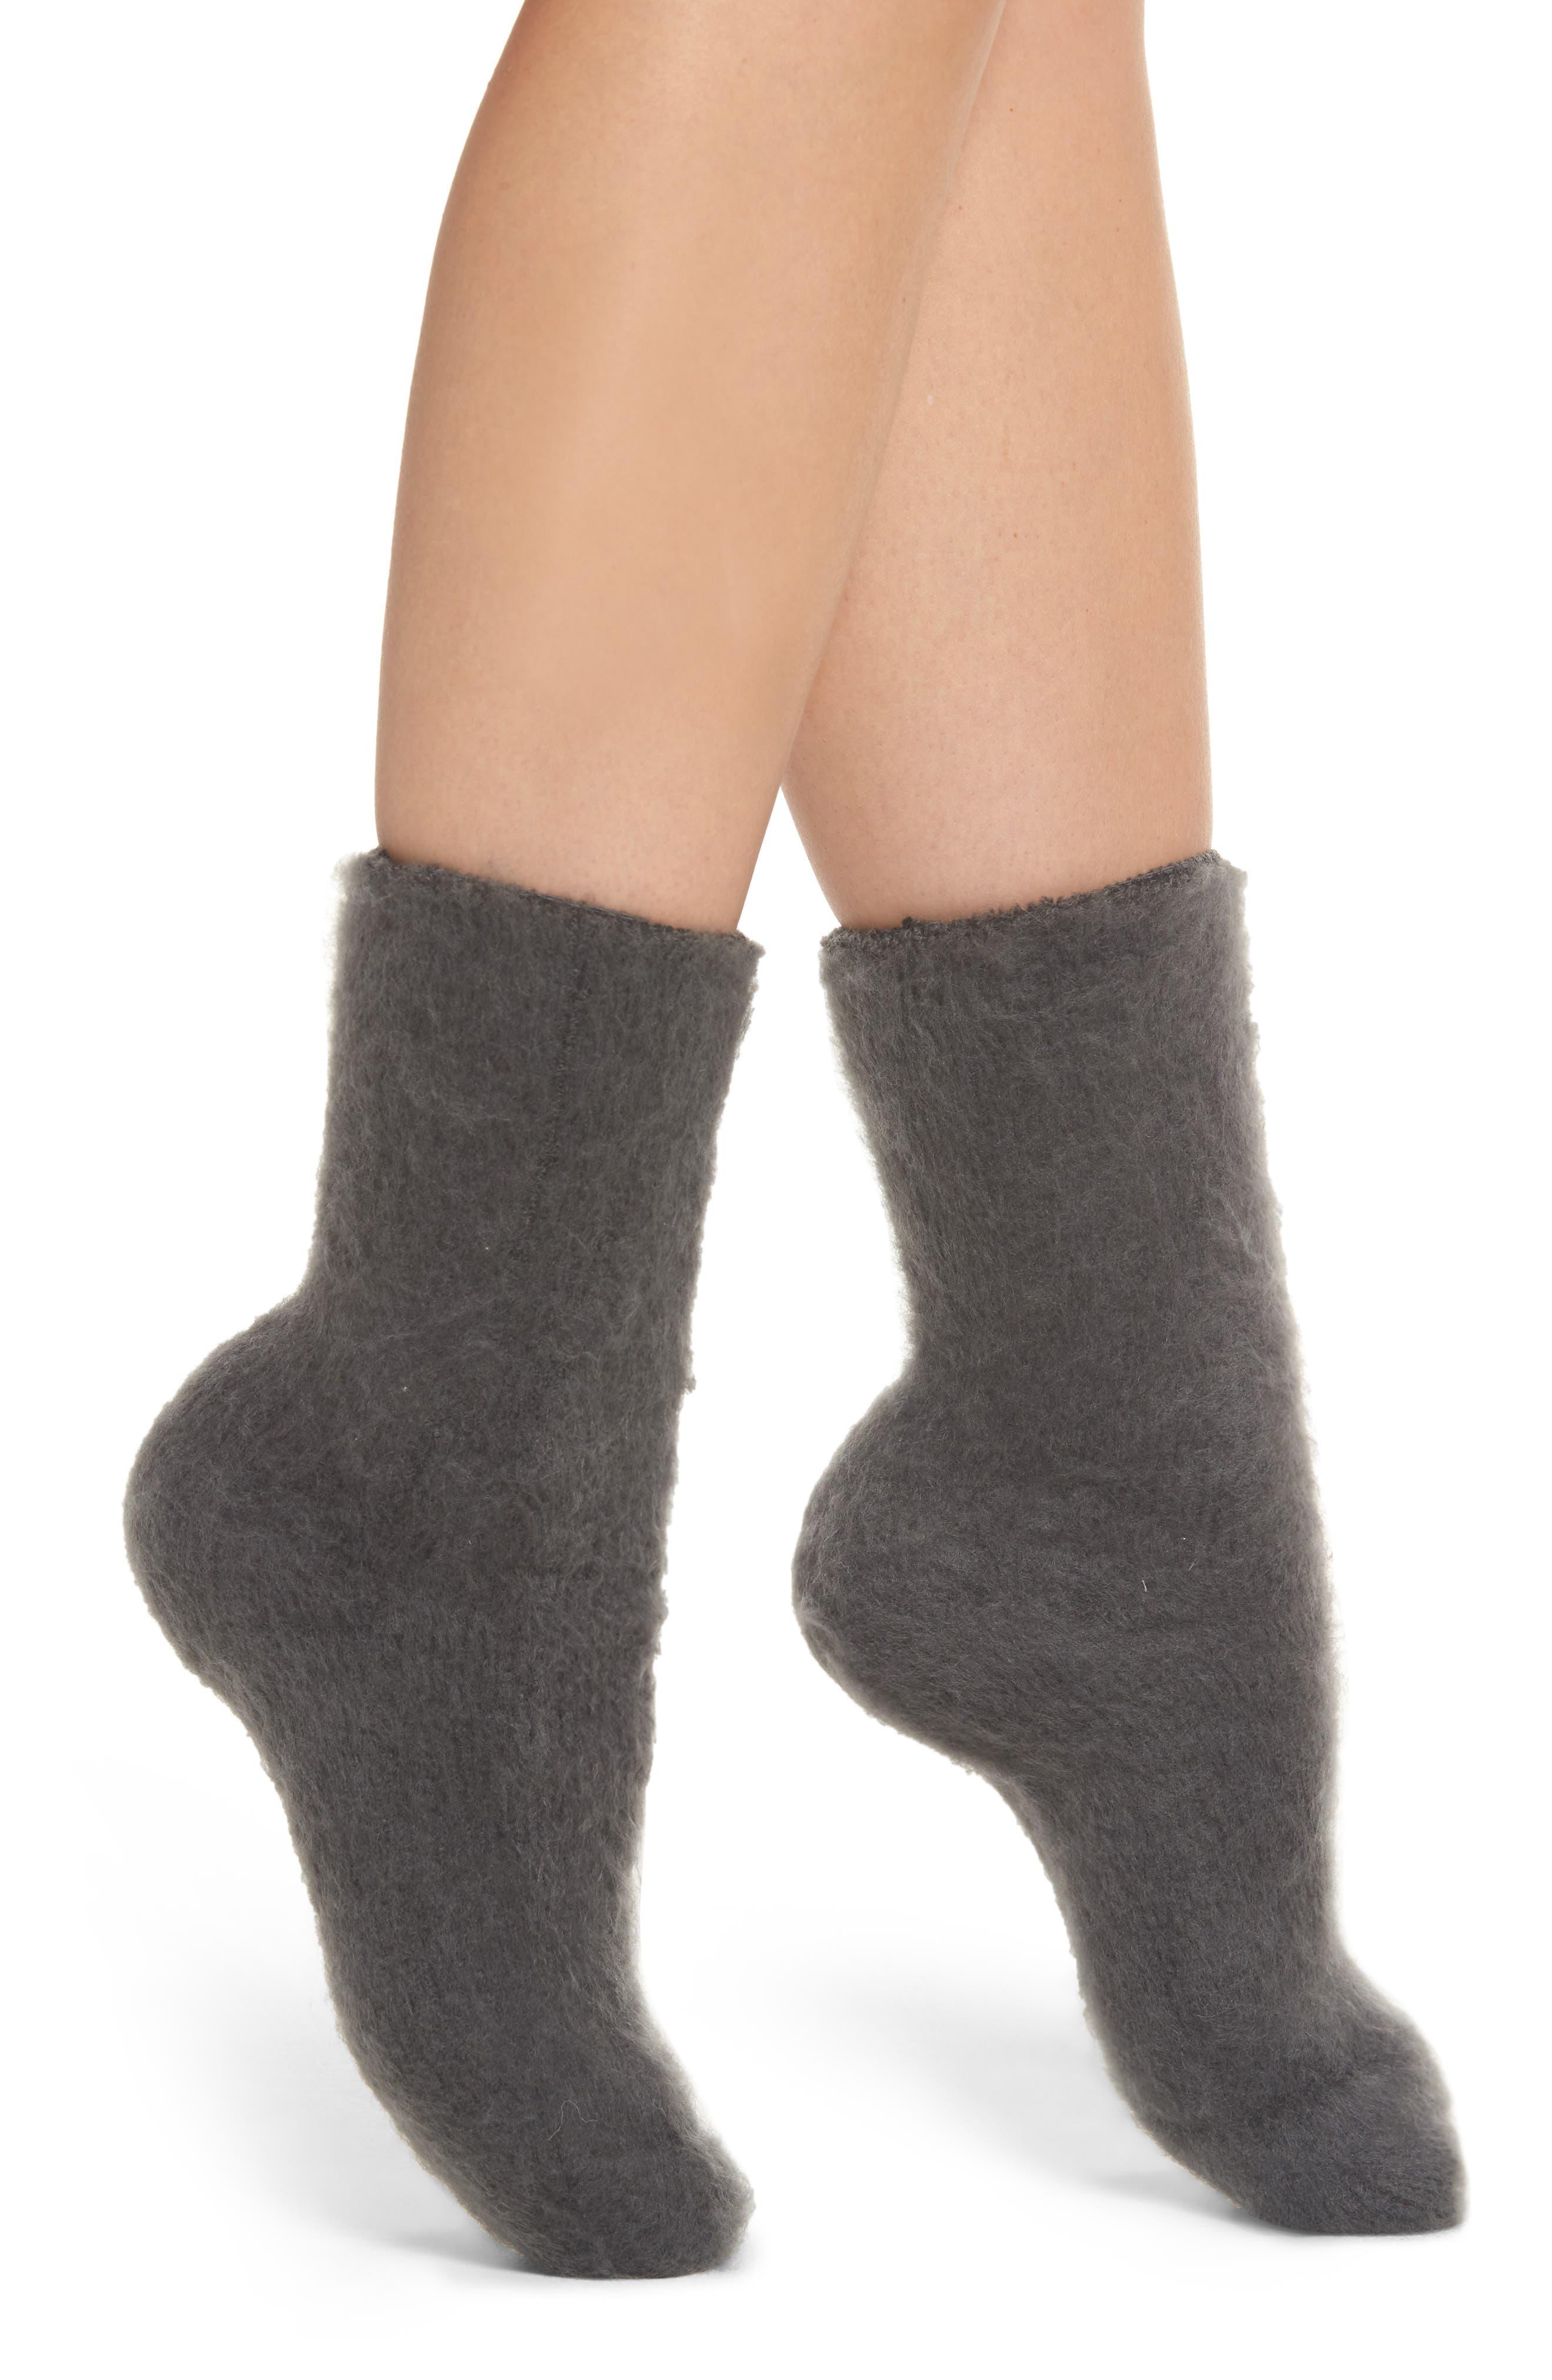 Winter Fog Socks,                             Main thumbnail 1, color,                             Graphite